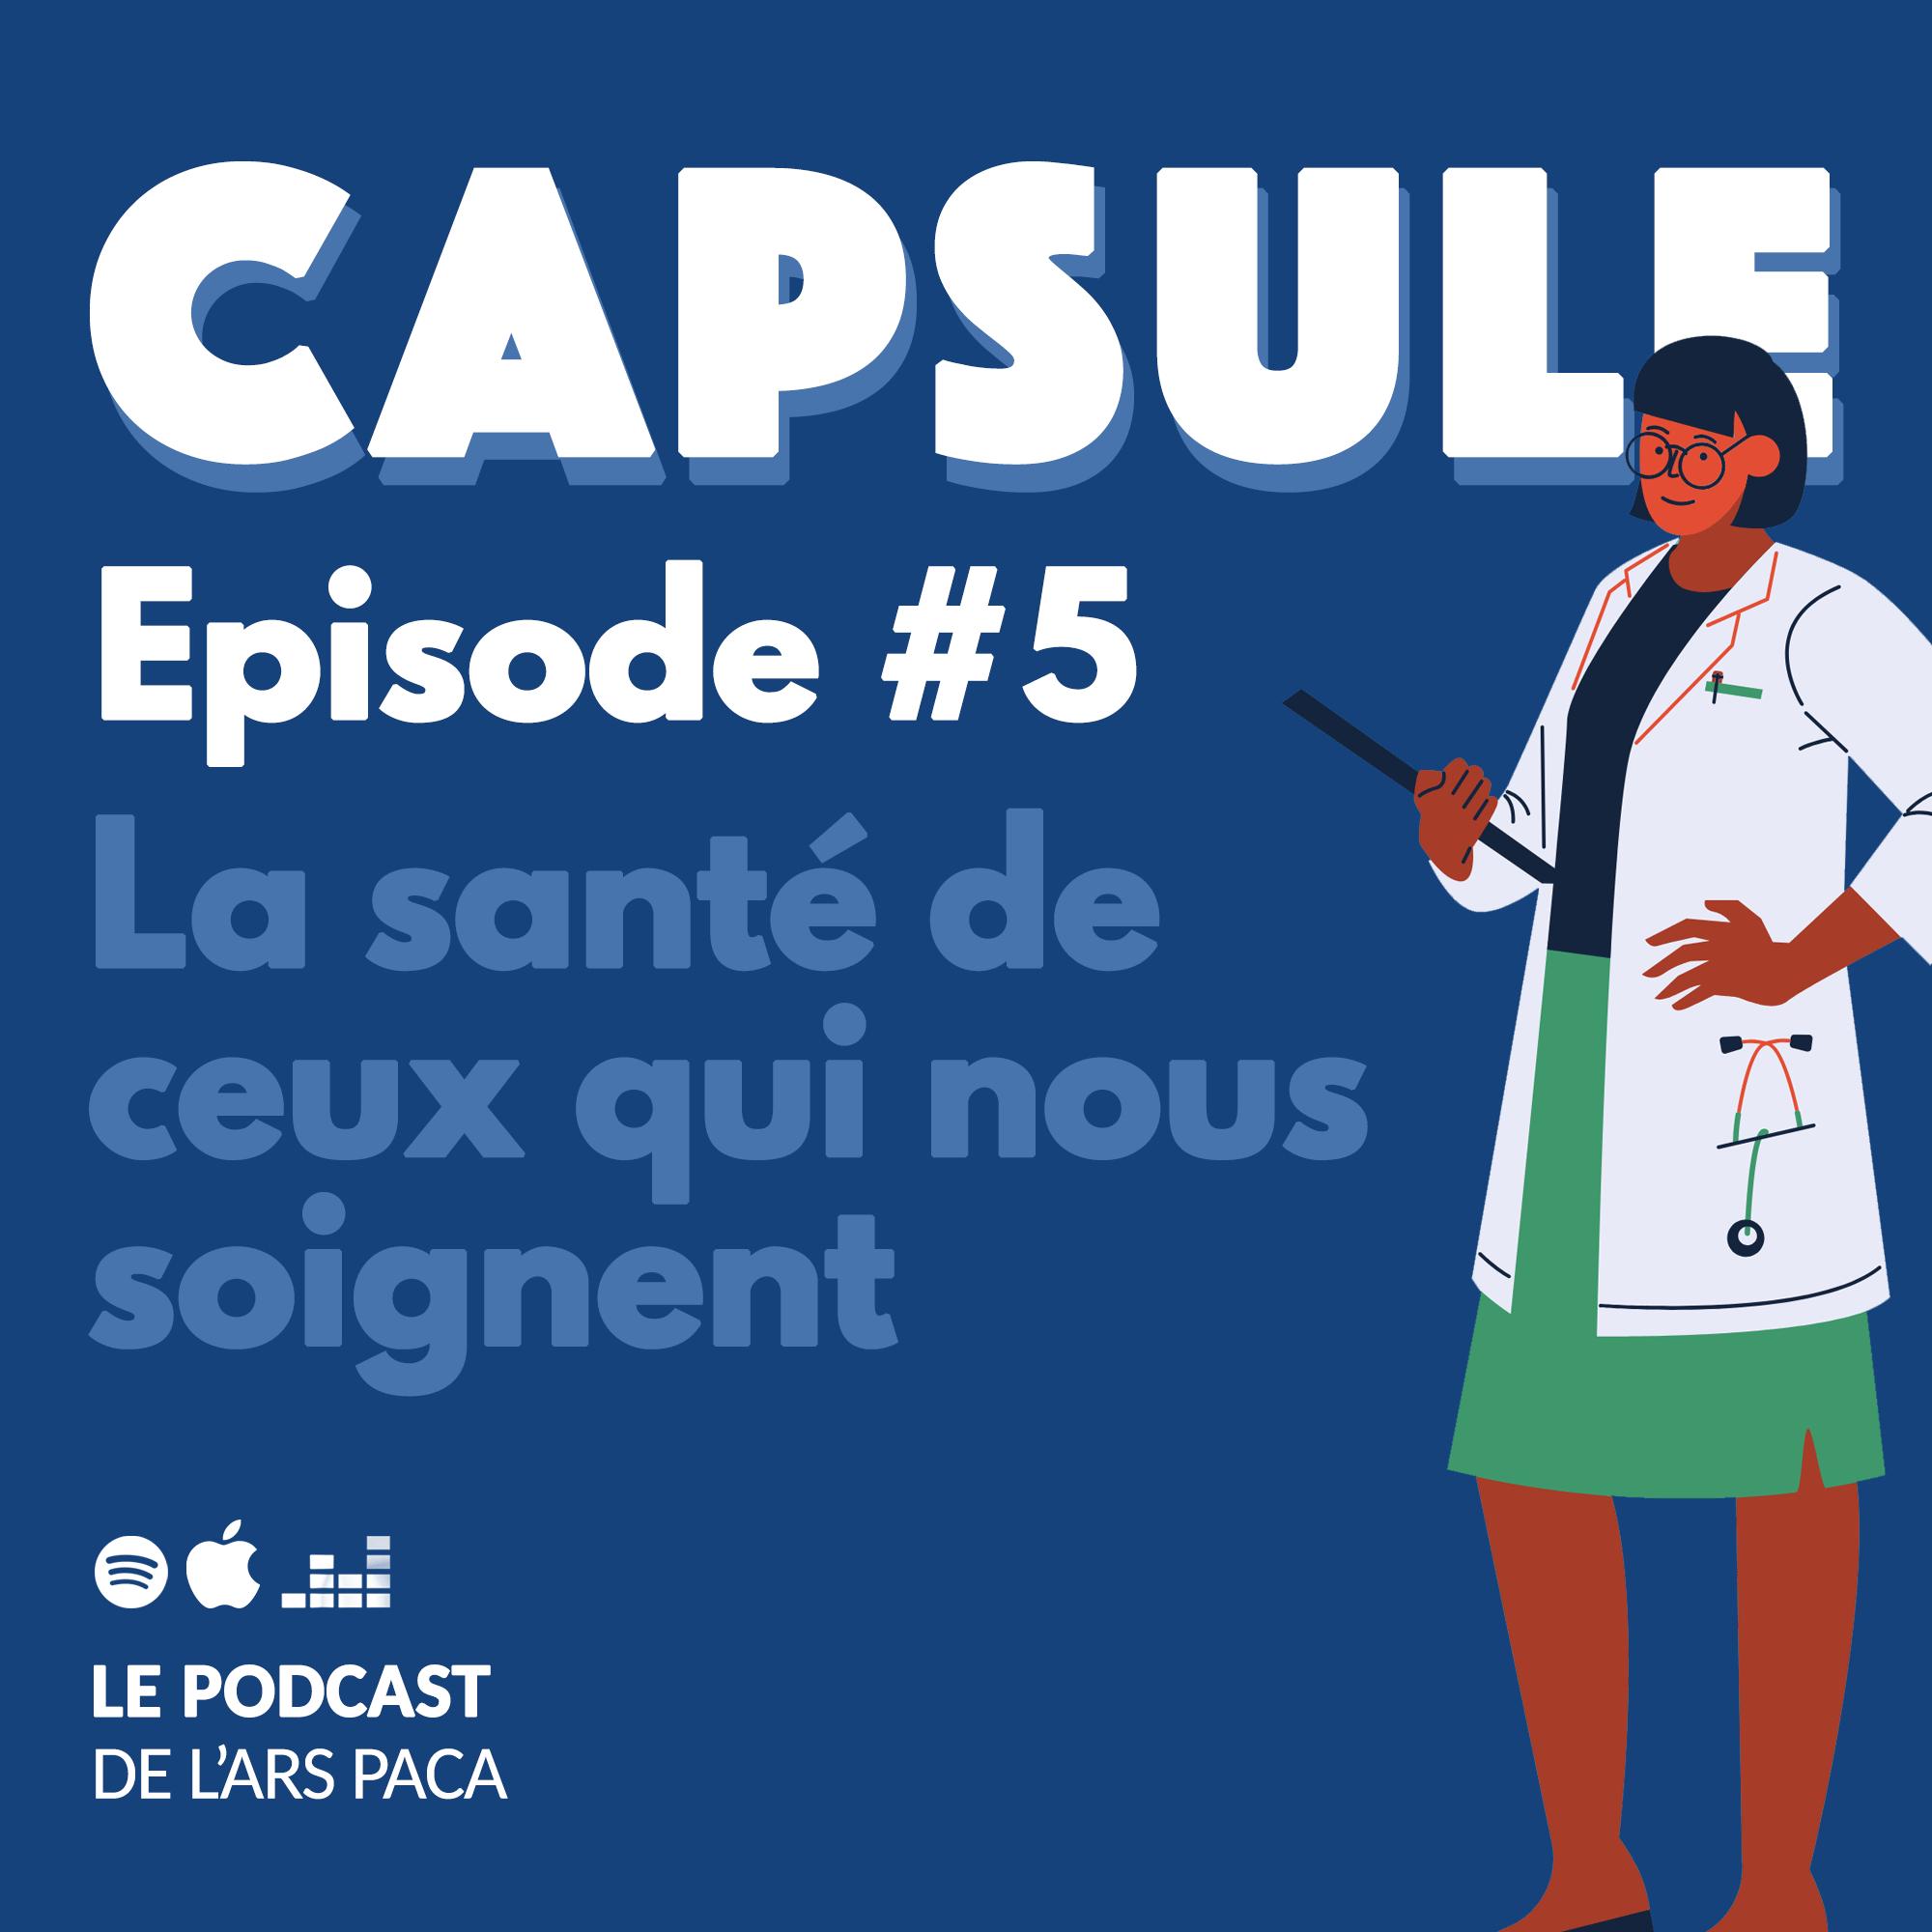 Episode 5 : Prendre soin de ceux qui nous soignent